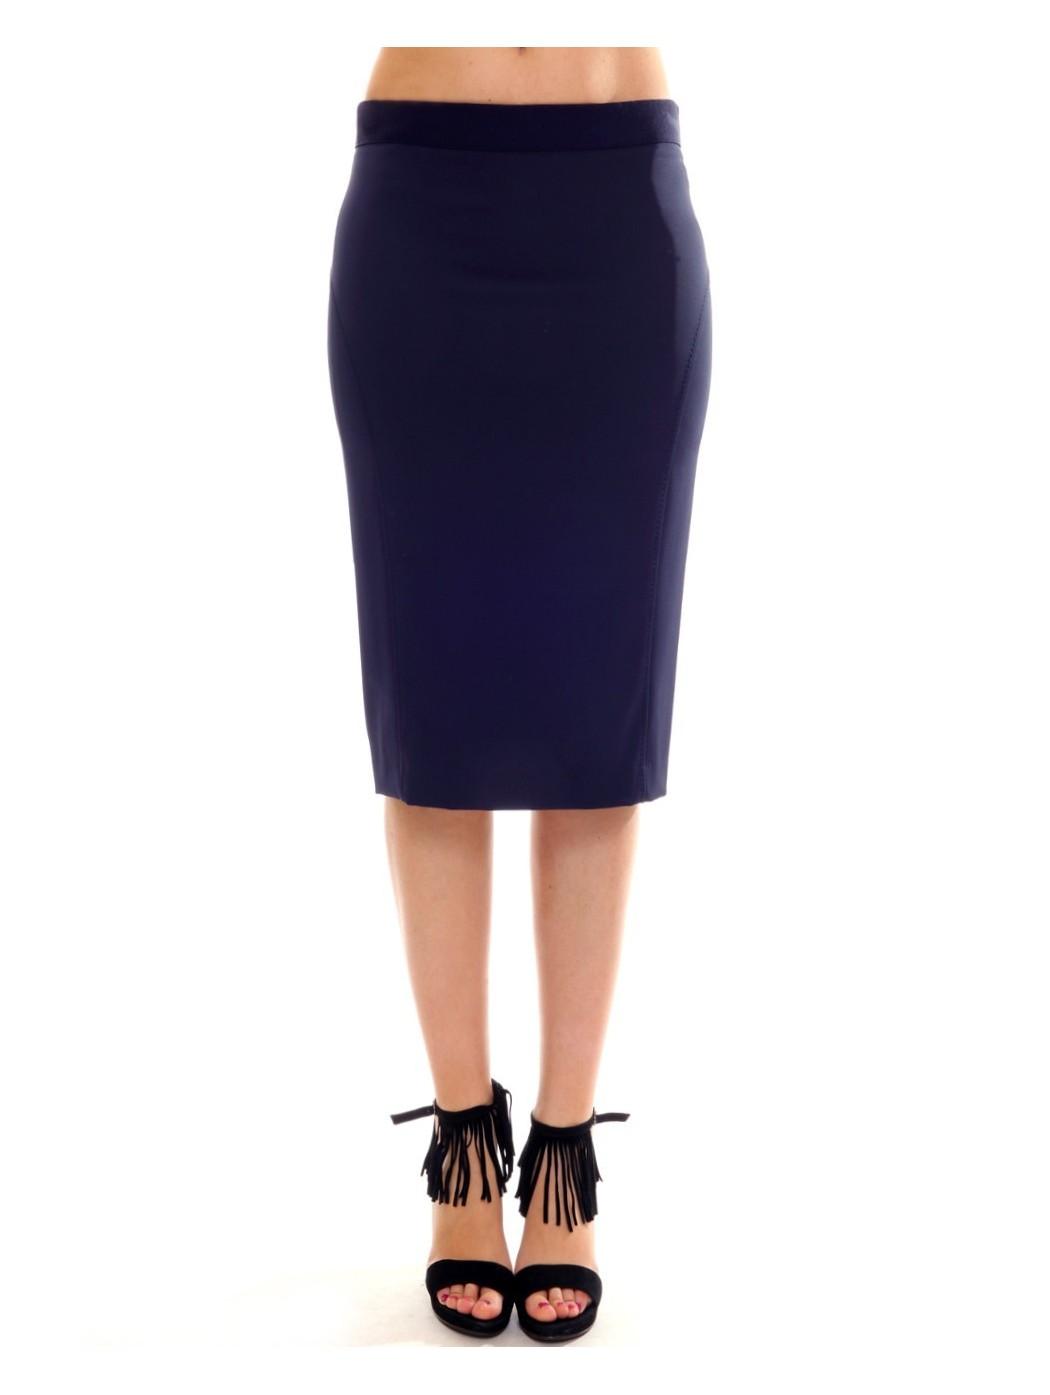 L.P. skirt